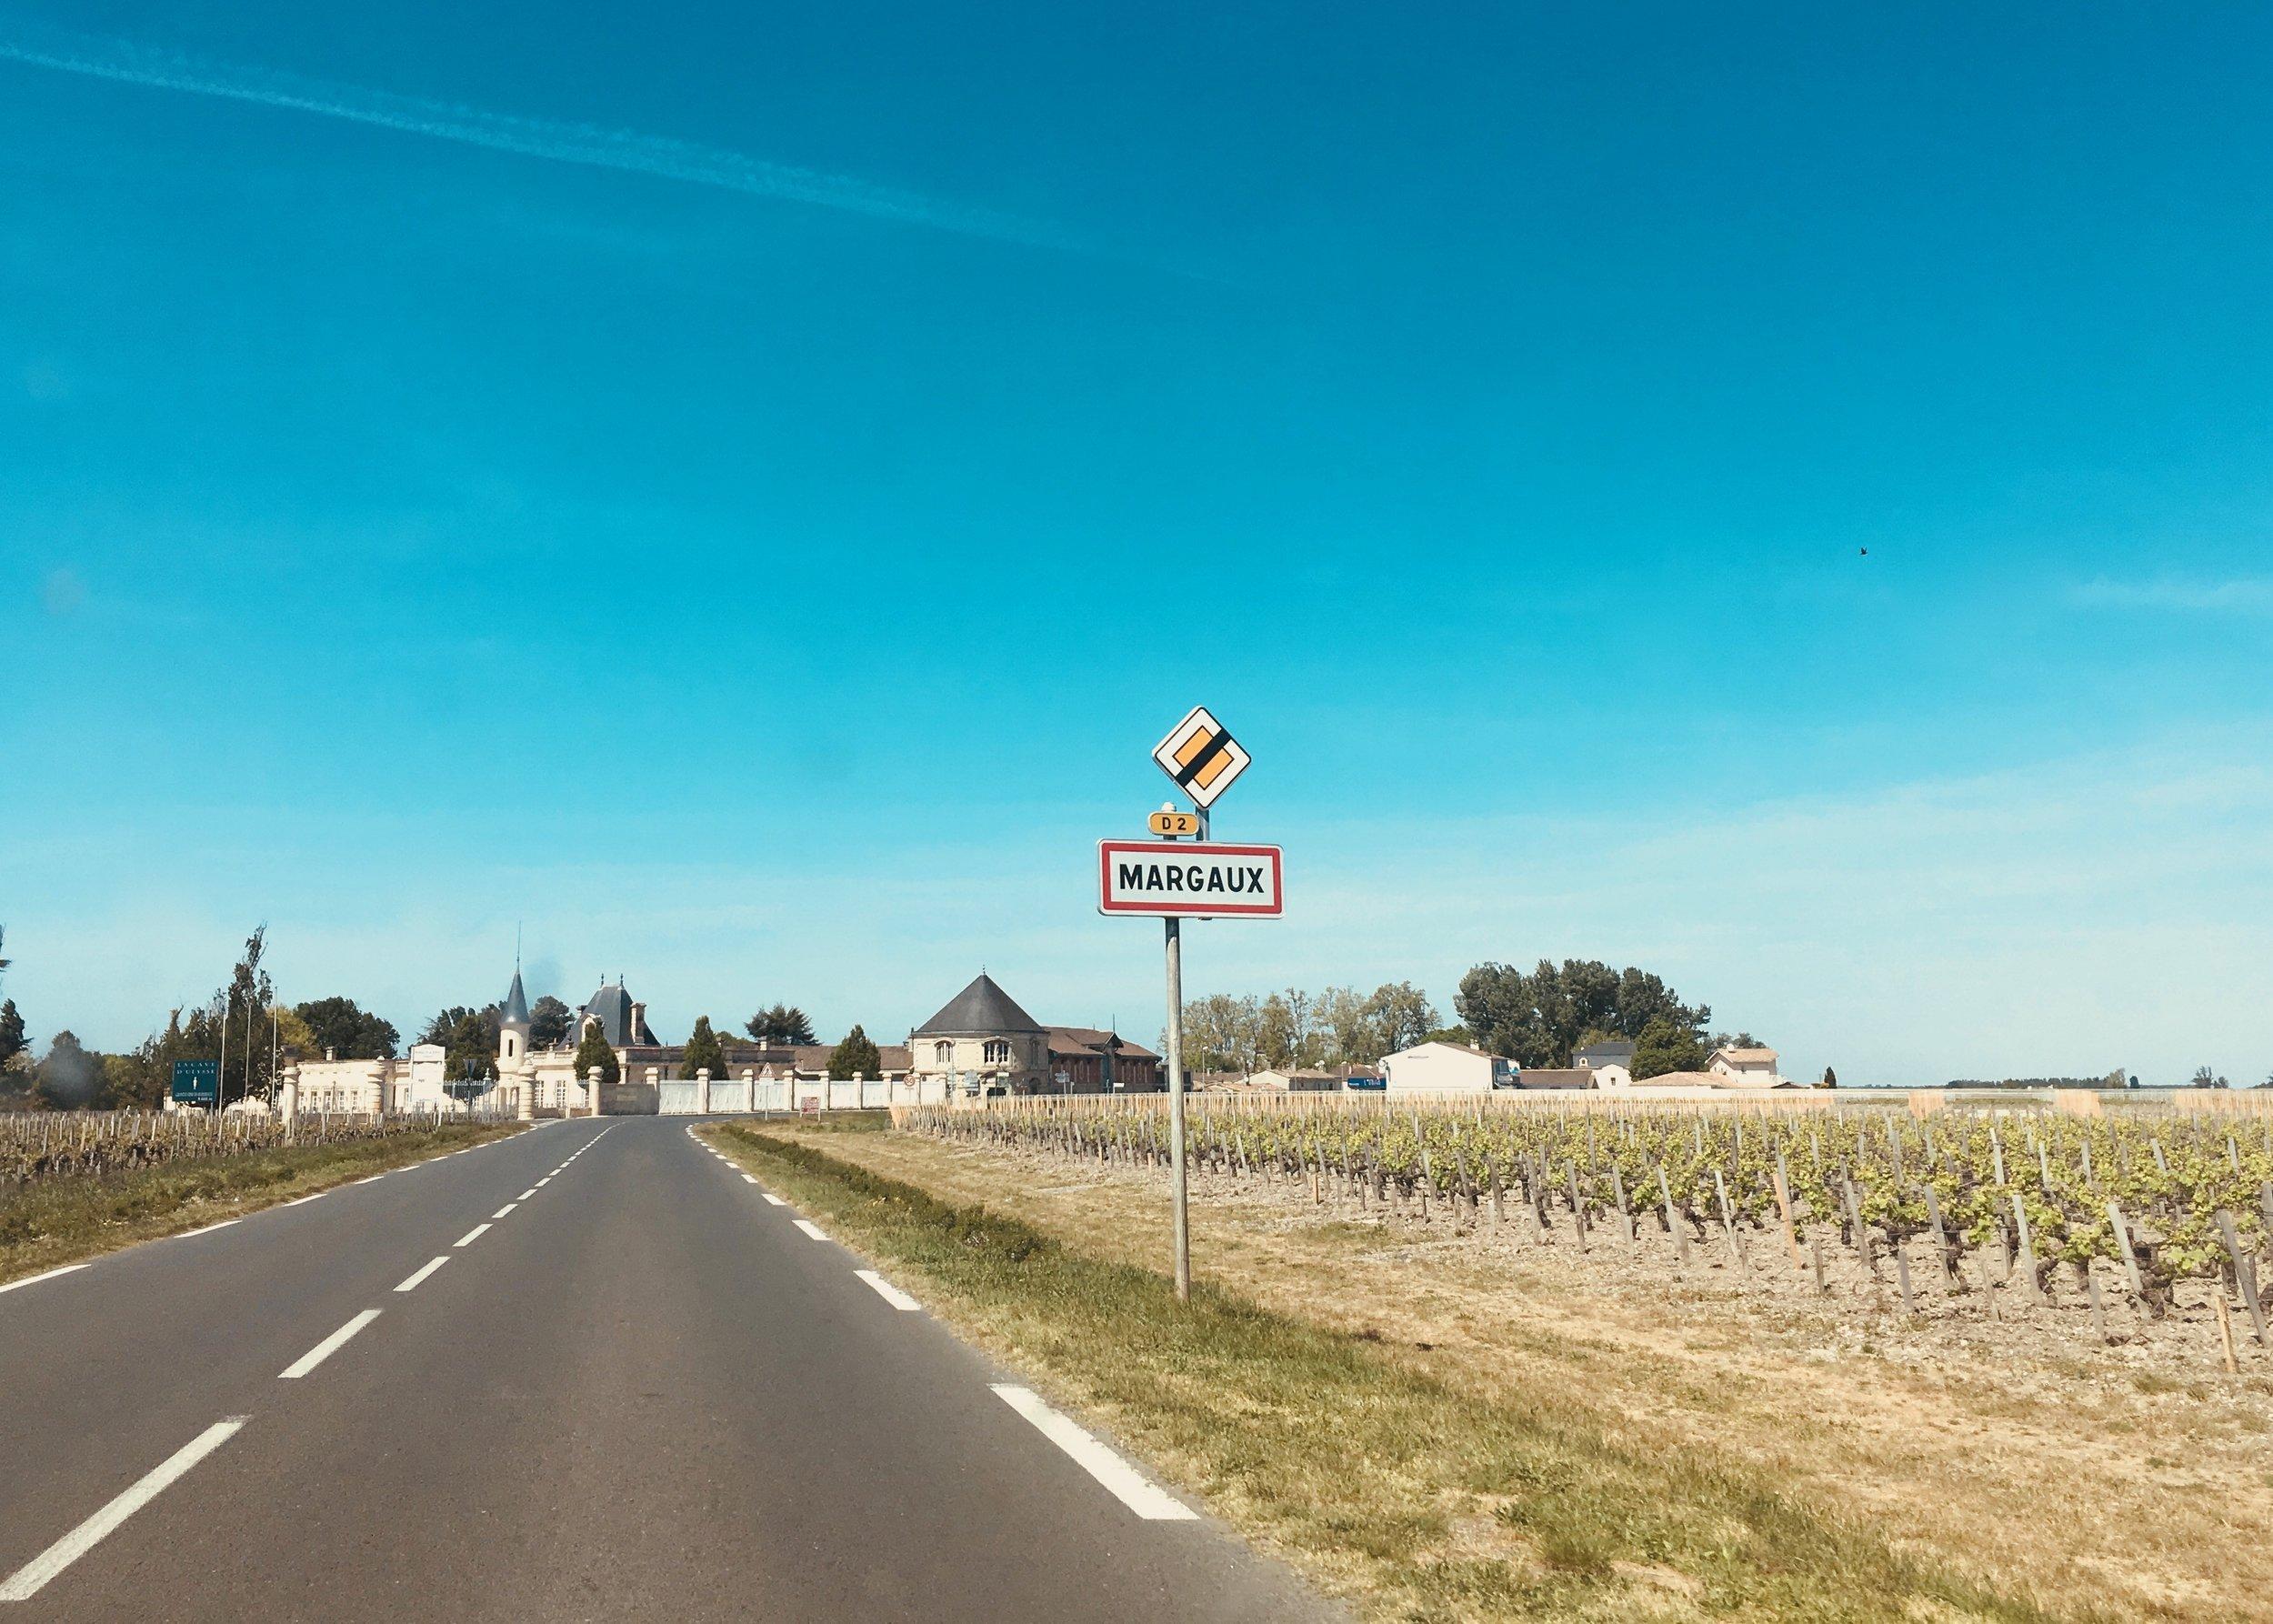 margaux route des chateaux wine tour vineyards sanctuary surf holiday.jpg